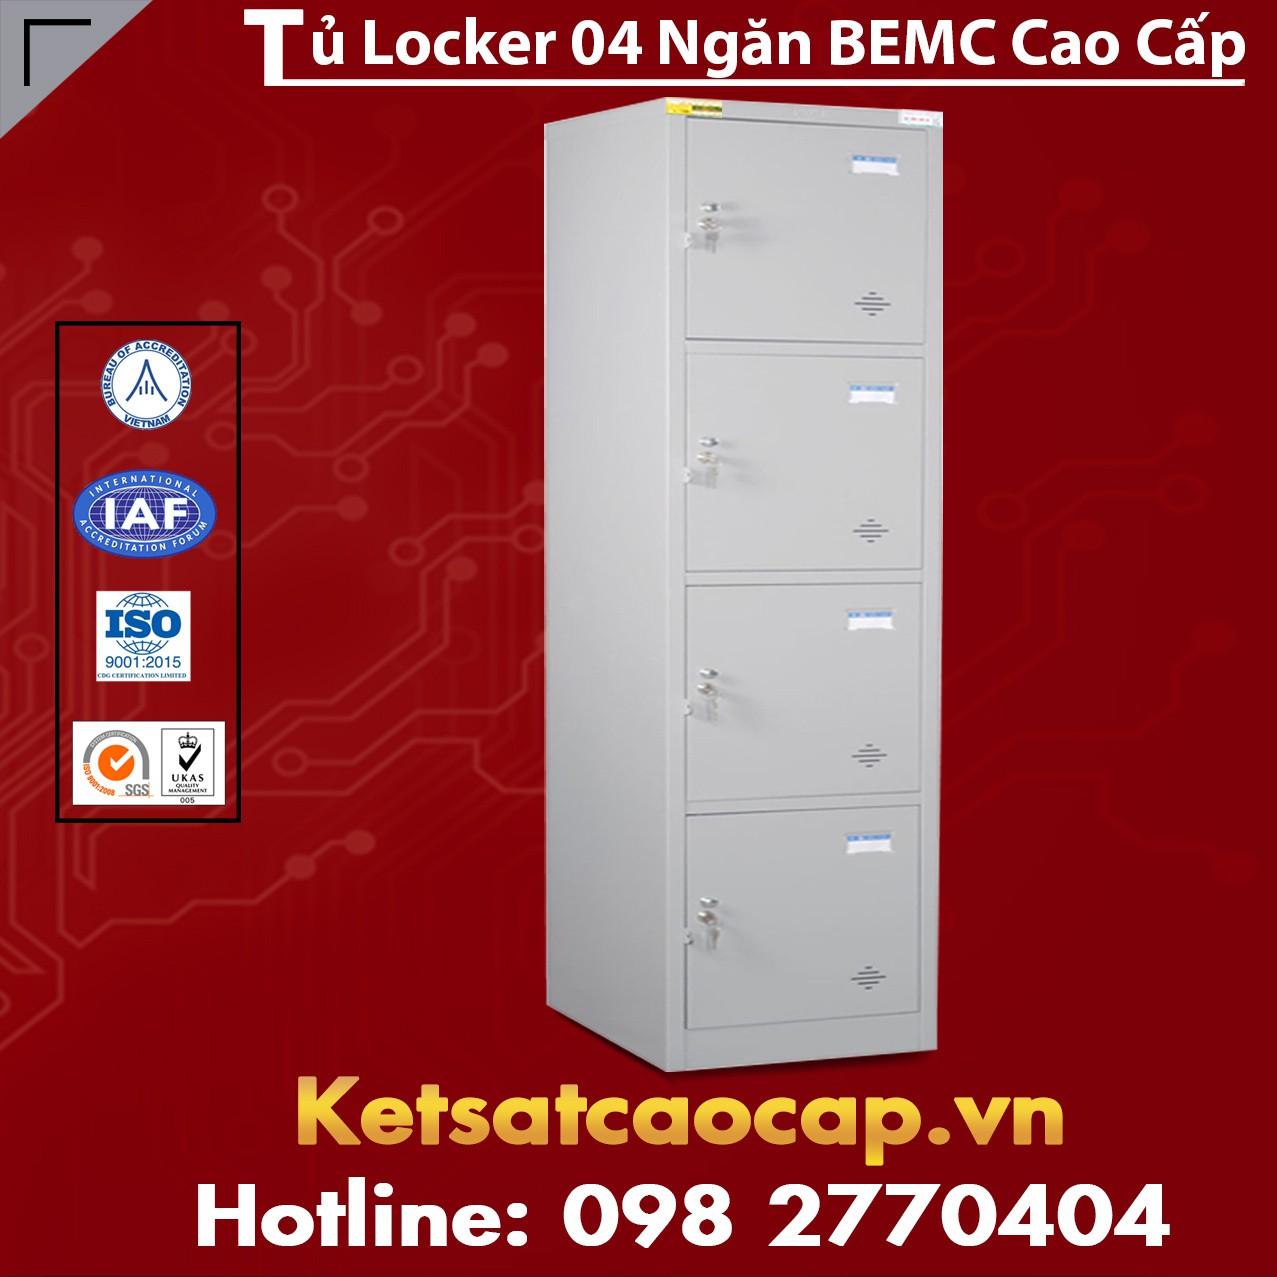 Tủ Locker Đơn 4 Ngăn